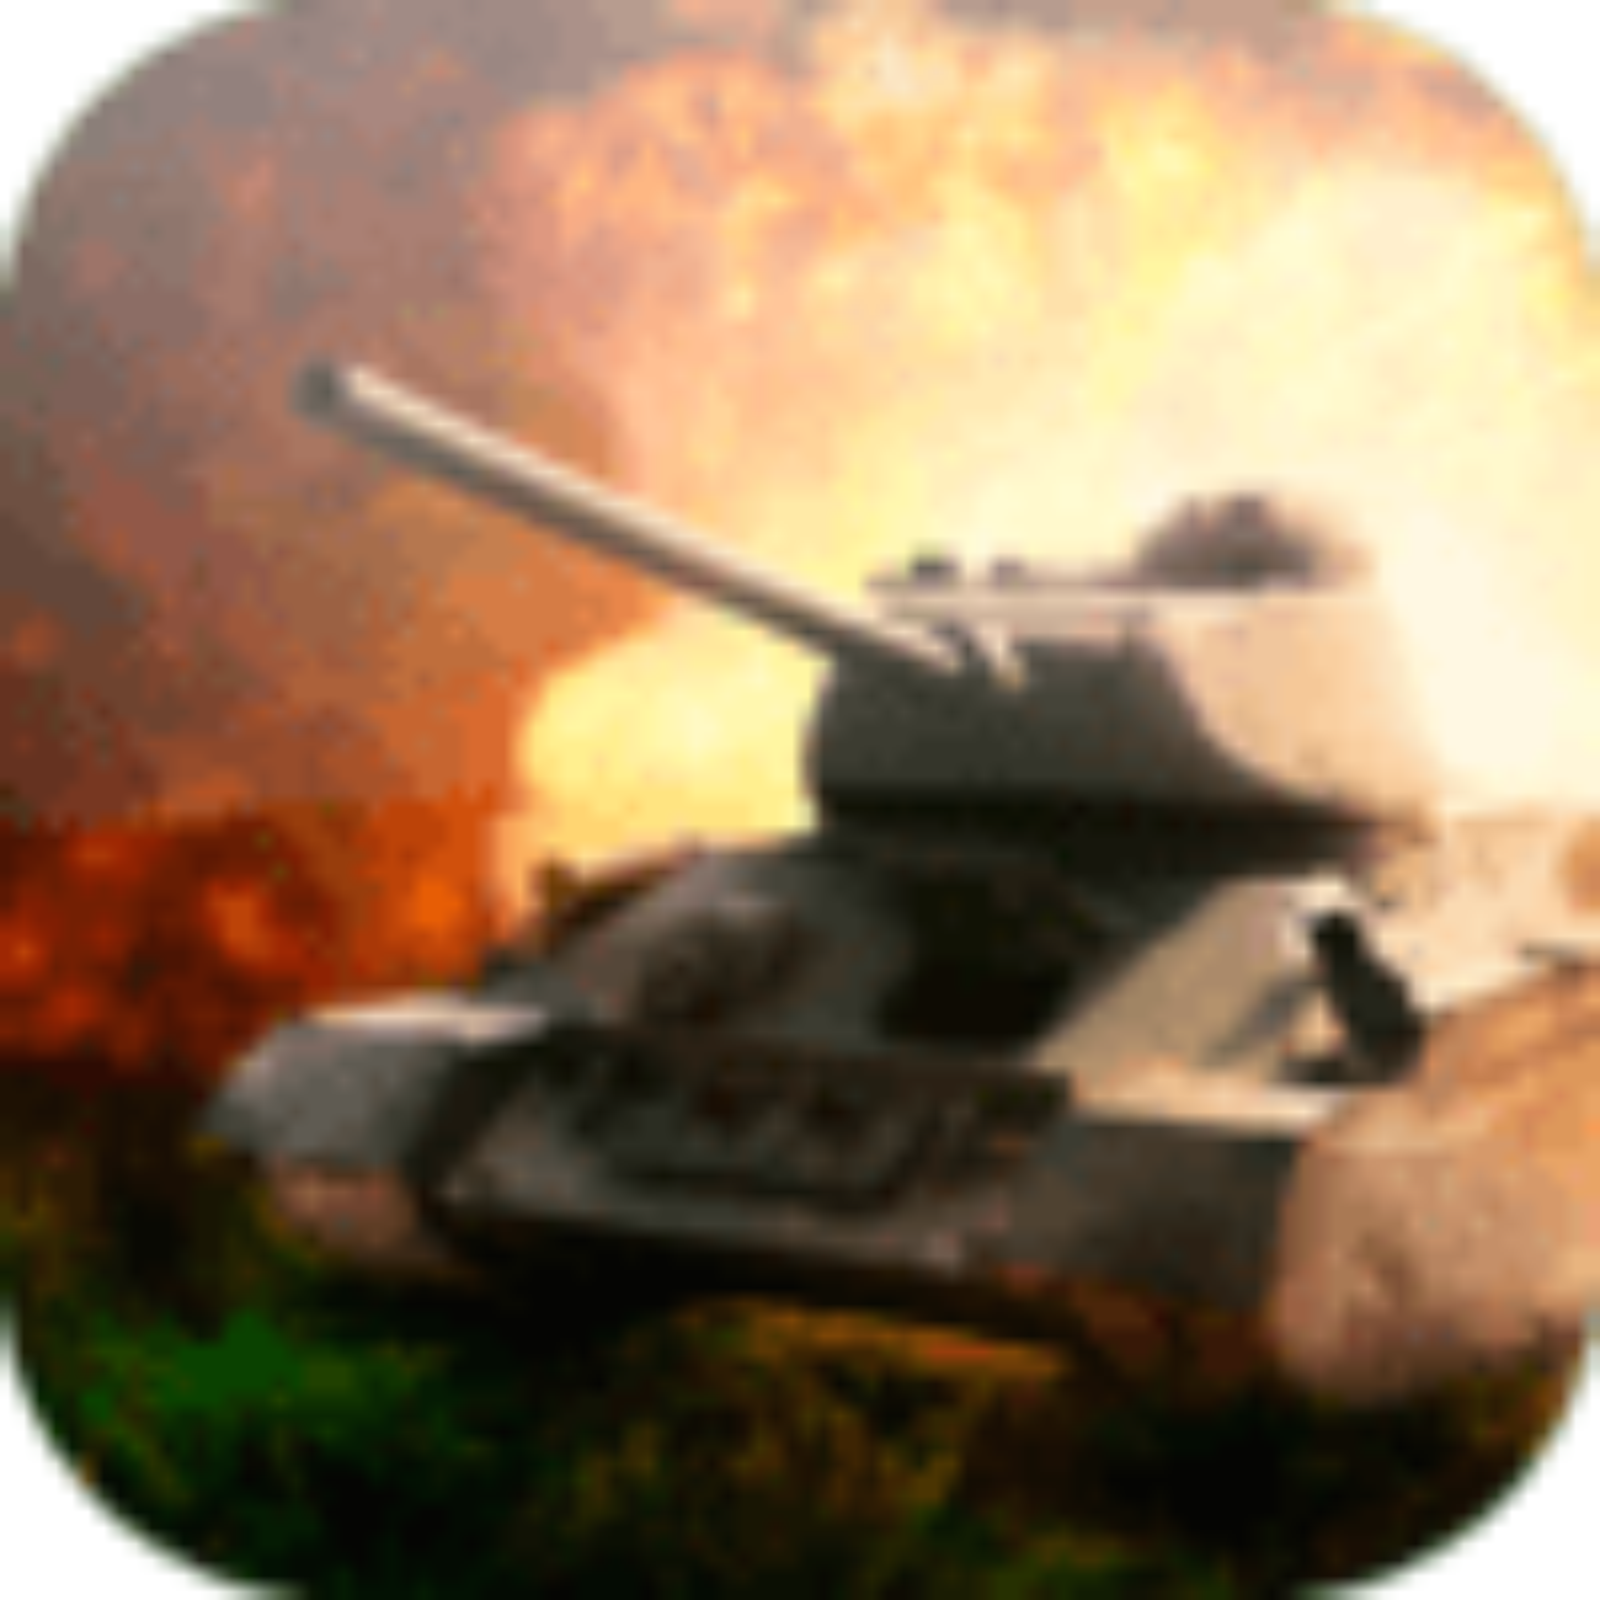 Battle Of Tanks 1.1.1